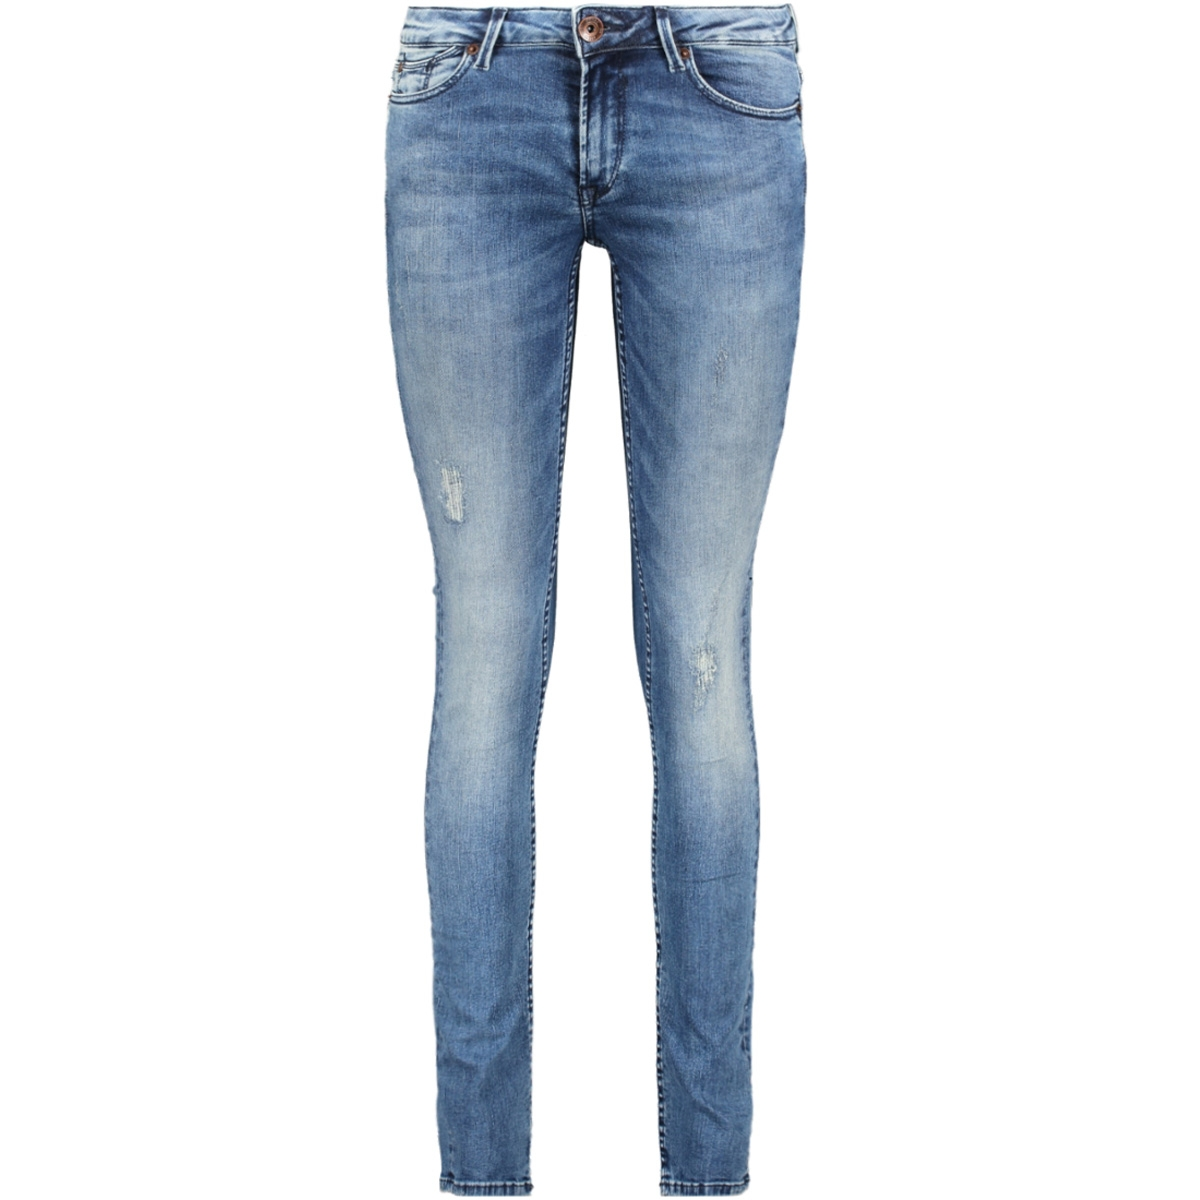 275 rachelle garcia jeans 3383 vintaged used